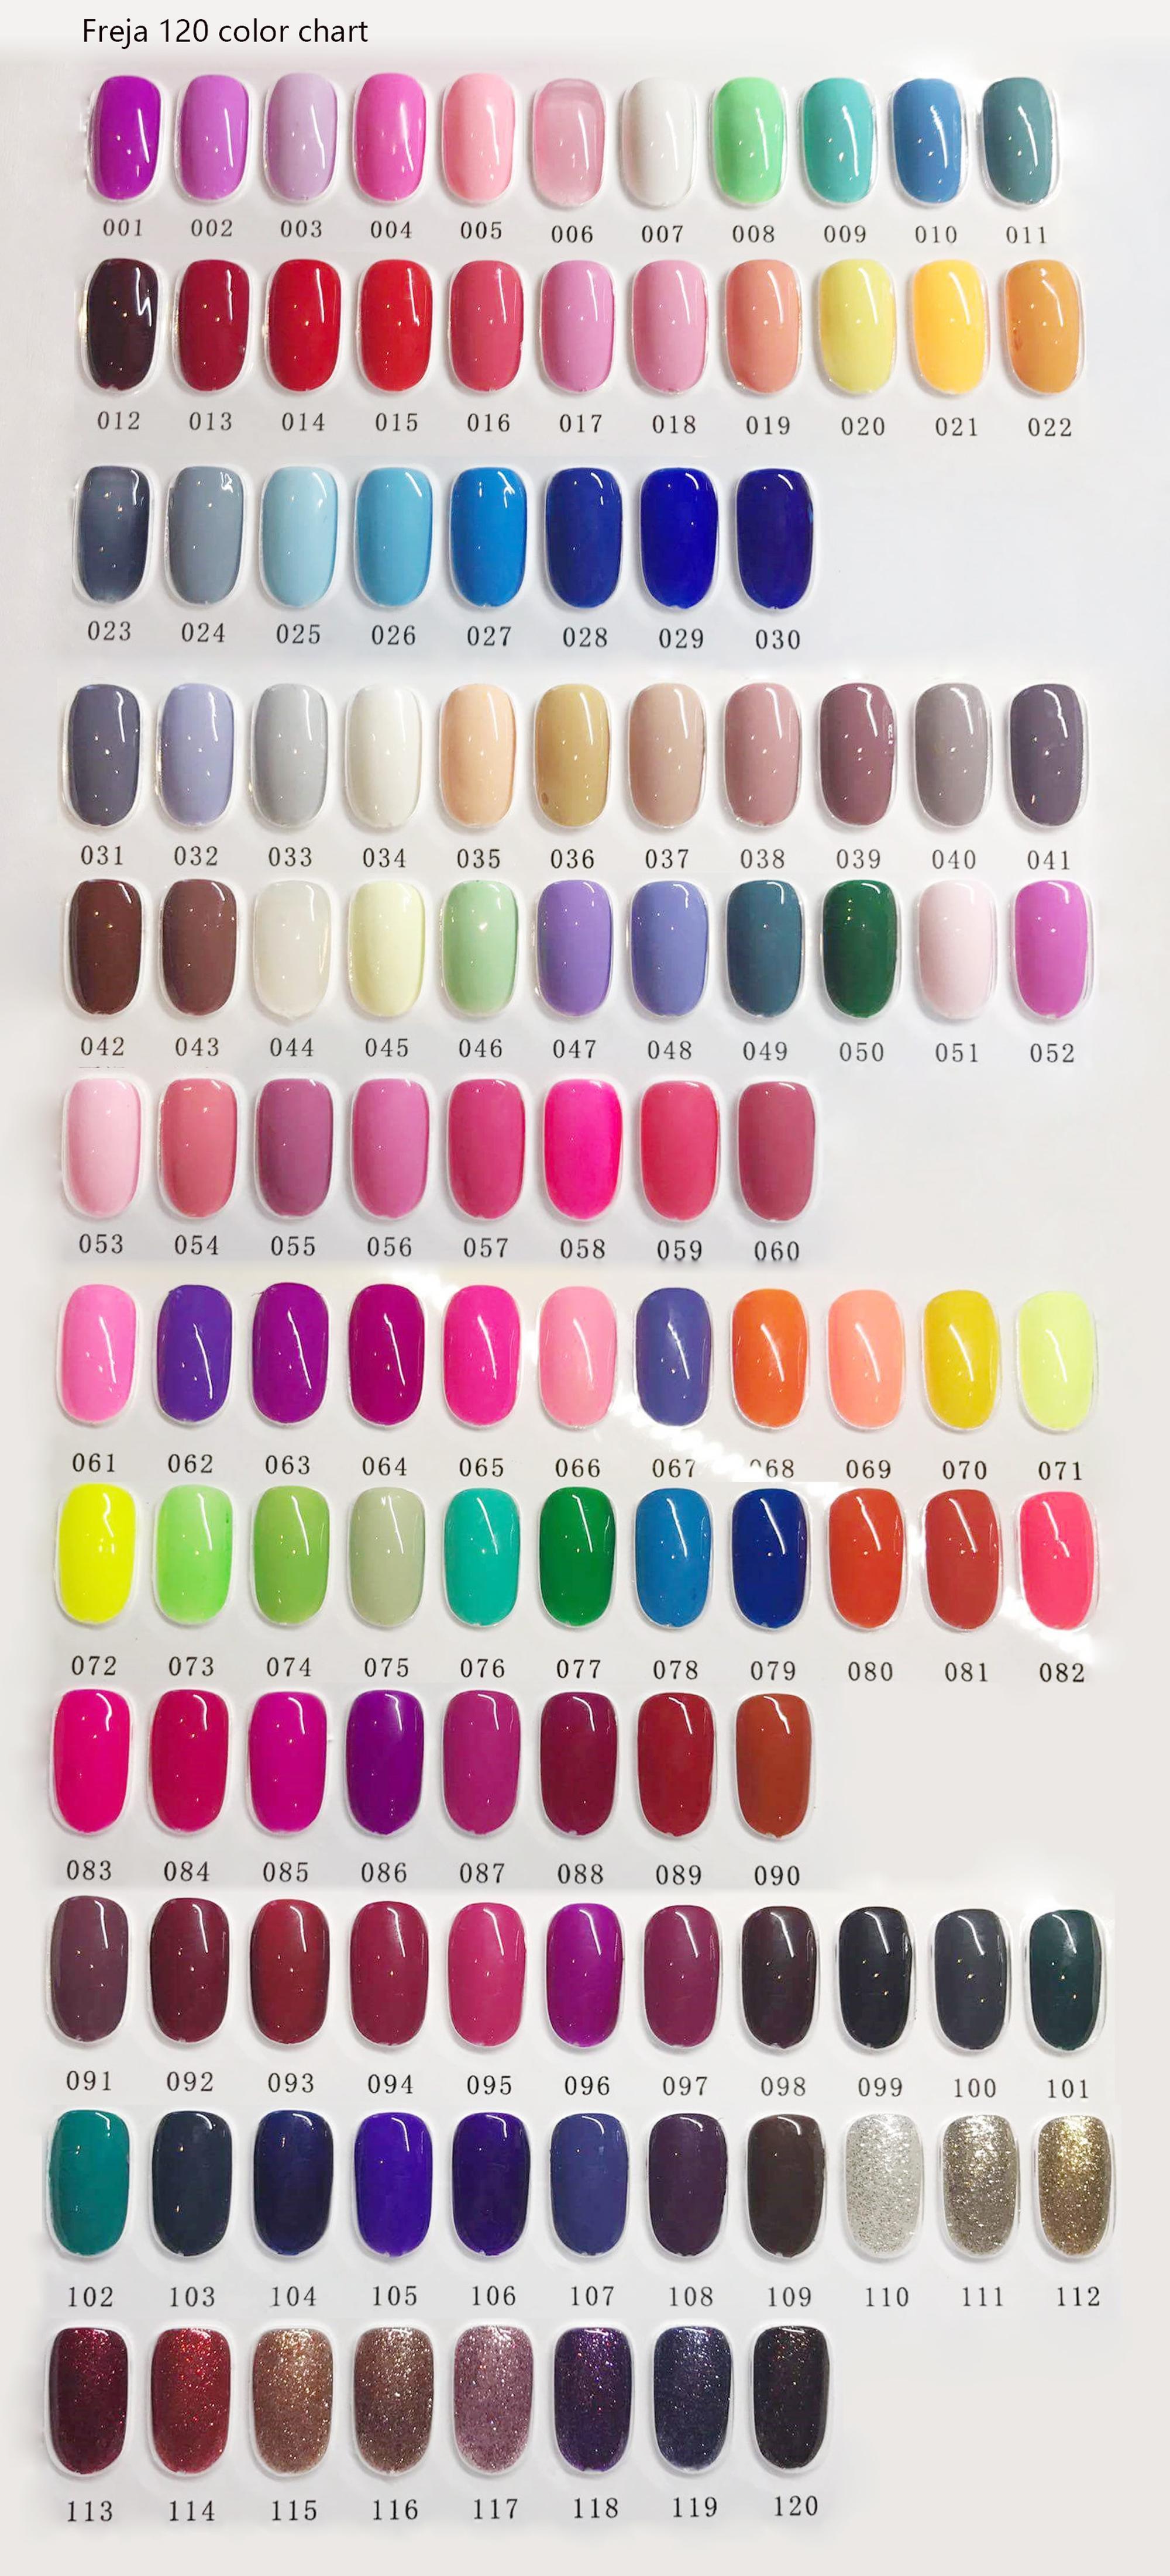 Caixuan Freja 120 Nuevos Colores Gel Esmalte De Uñasesmalte Gel Esmalte De Uñas Gel Uv Primavera Colores Para Uñas Arte Diseño Buy Color Gel